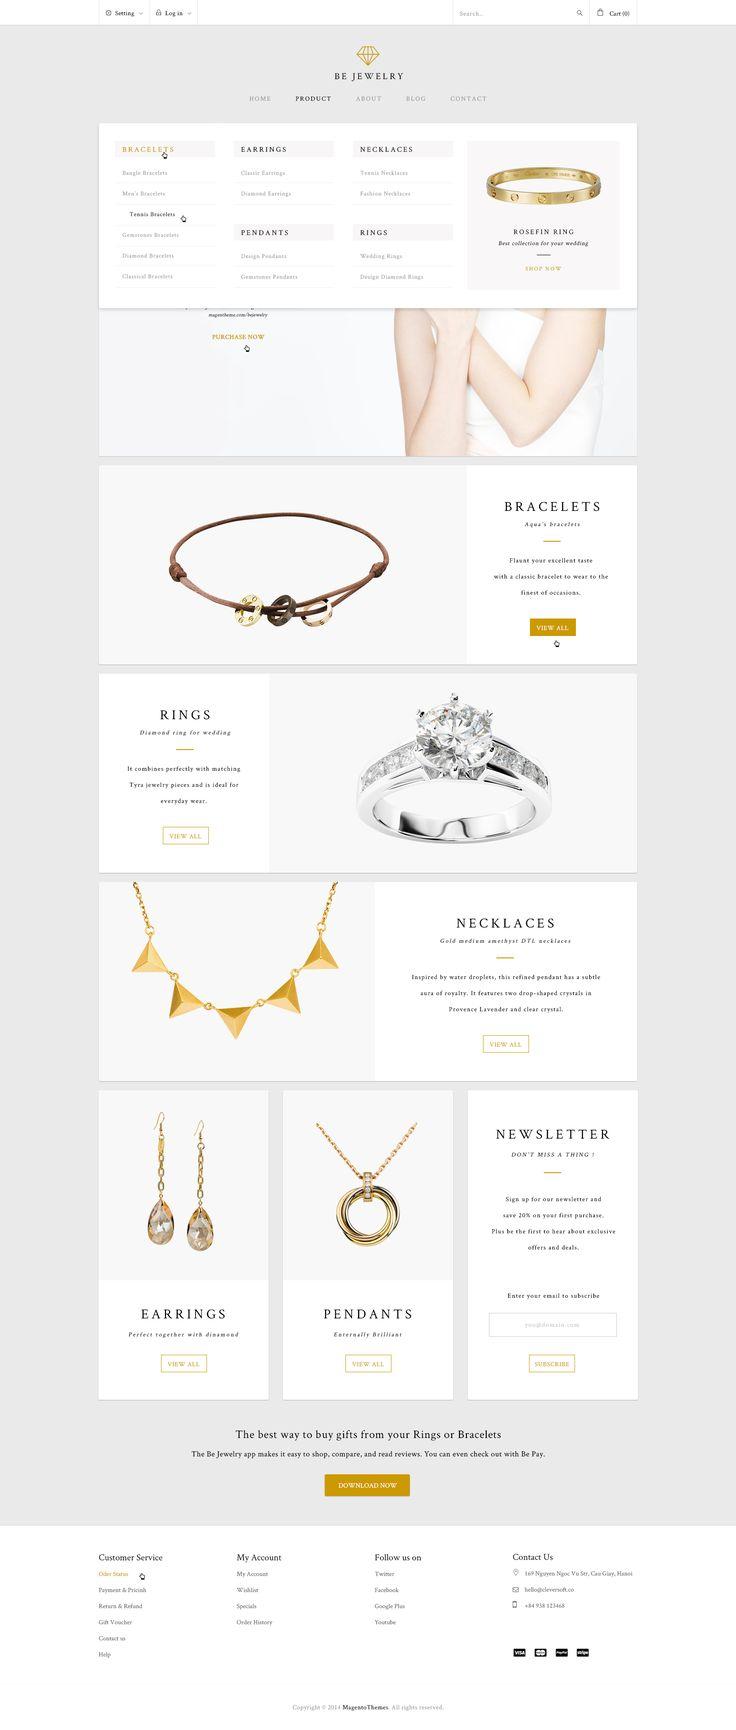 Bejewelry megamenu